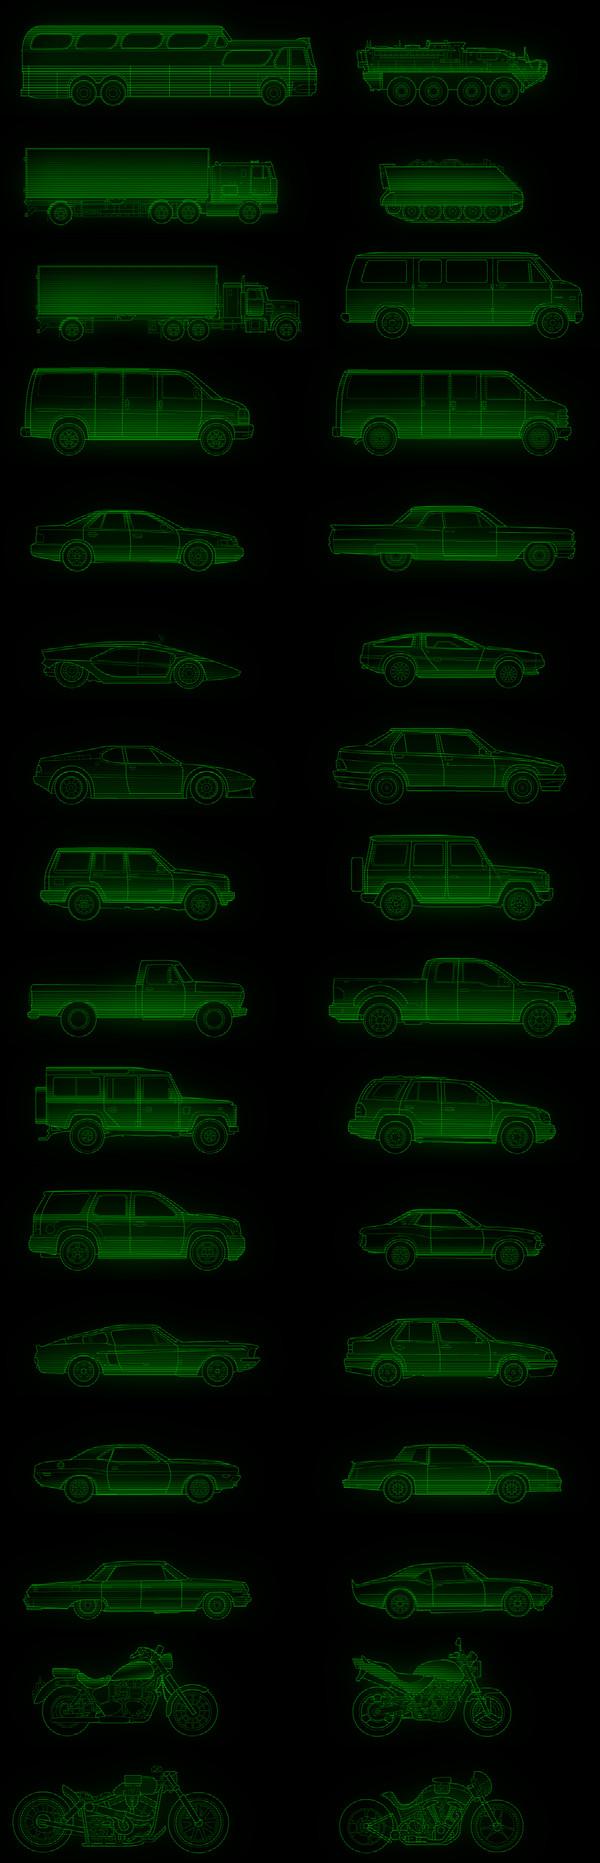 Автомобильные раскраски для ретро-аутистов Road dogs, Fallout, Gamedev, Retrowave, 80-е, Монохром, 2D, Длиннопост